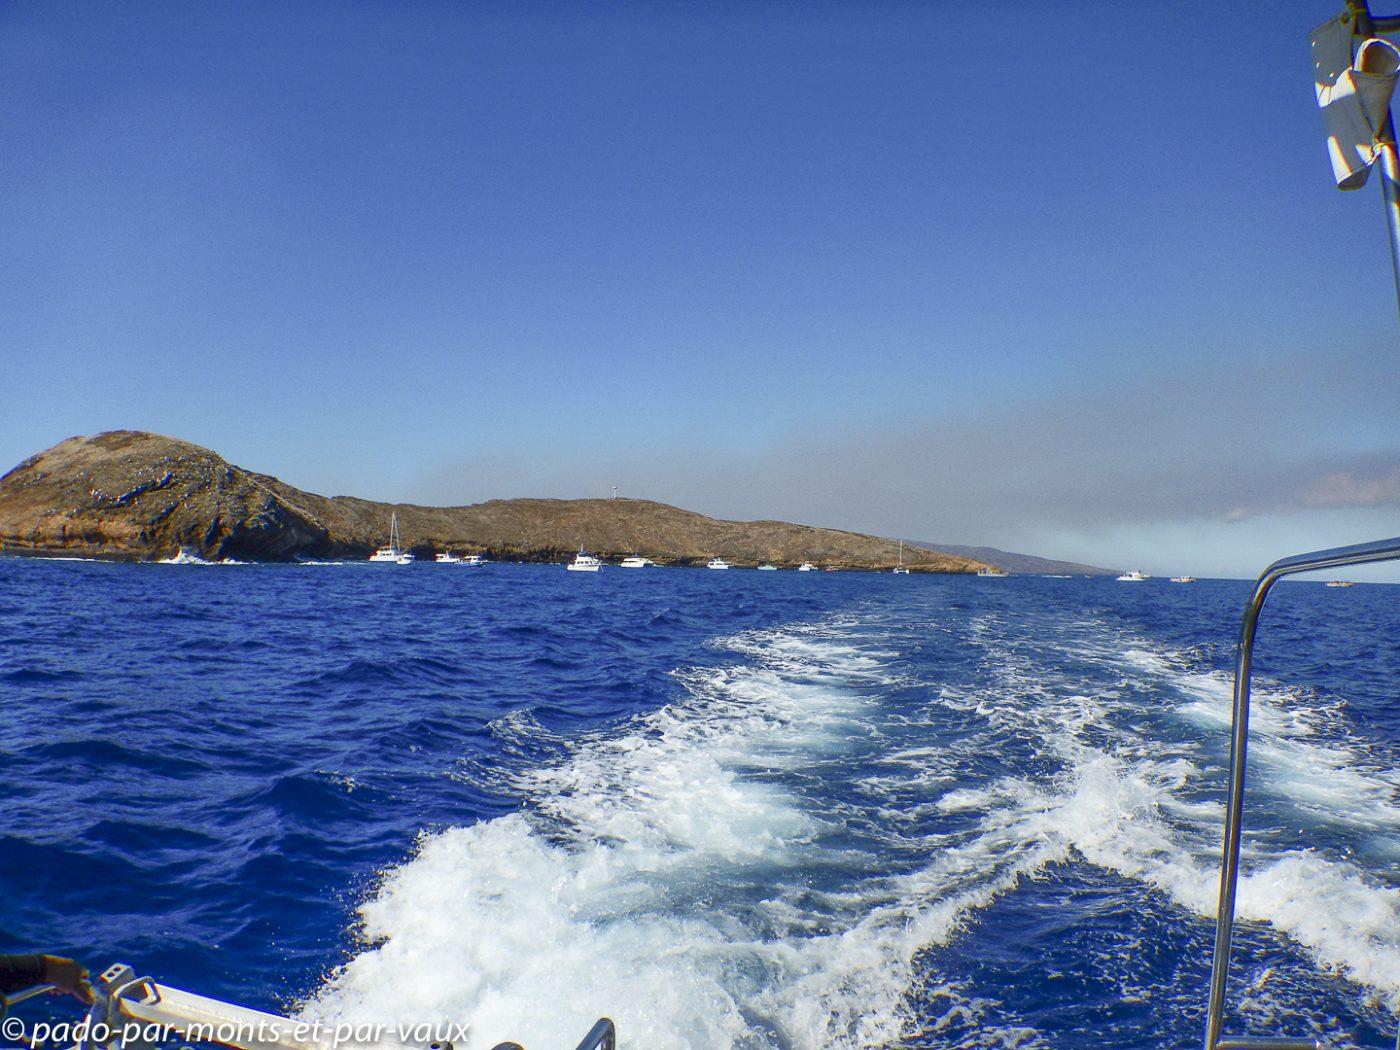 Maui -  Molokini  crater